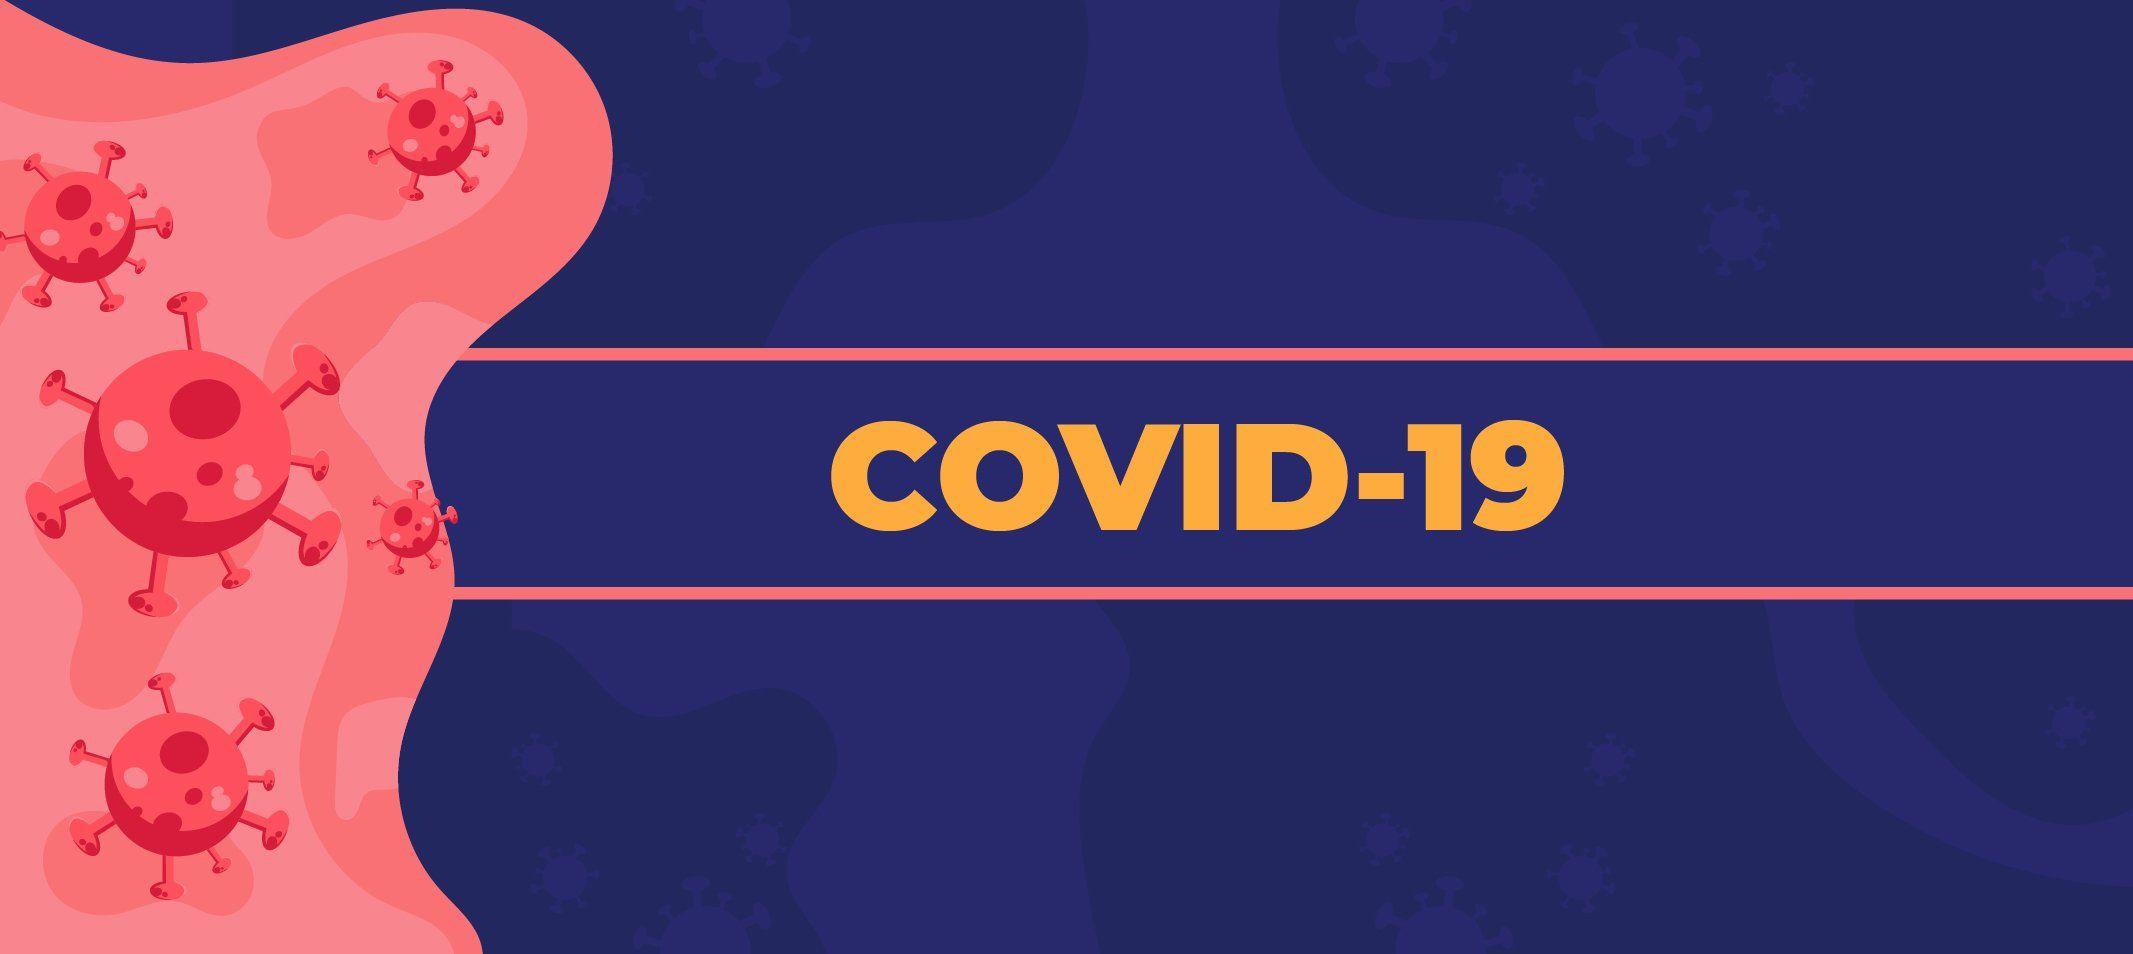 Ufam cria comitê de enfrentamento ao Covid-19 (Coronavírus)